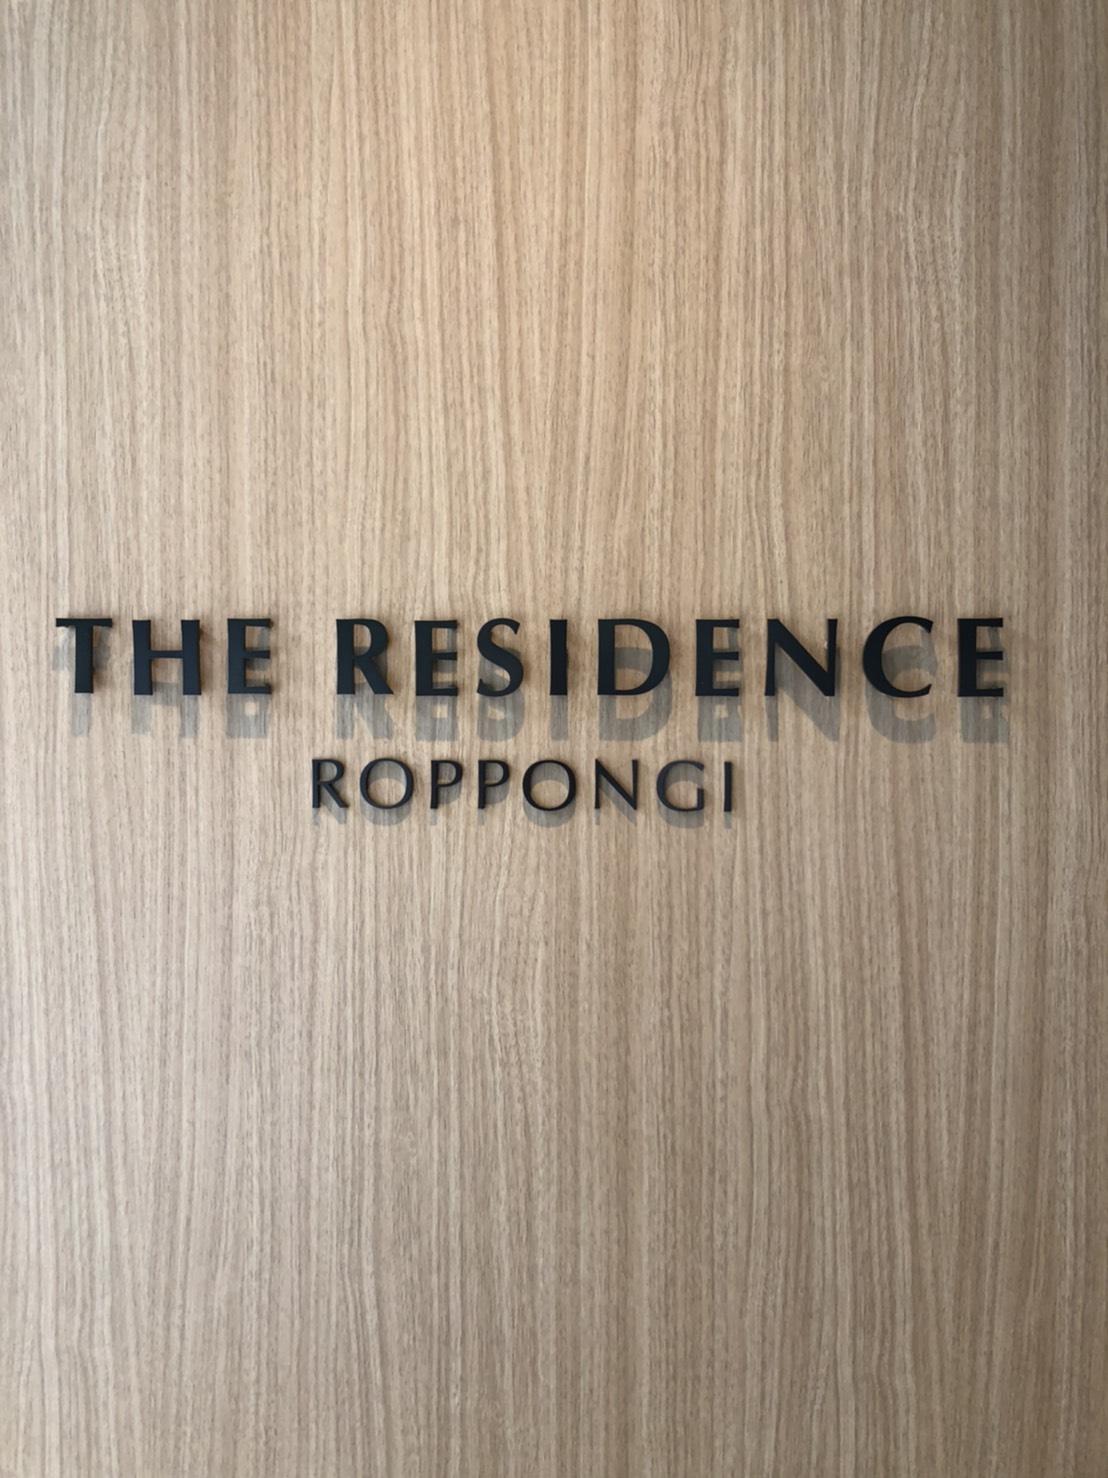 THE RESIDENCE ROPPONGIの写真5